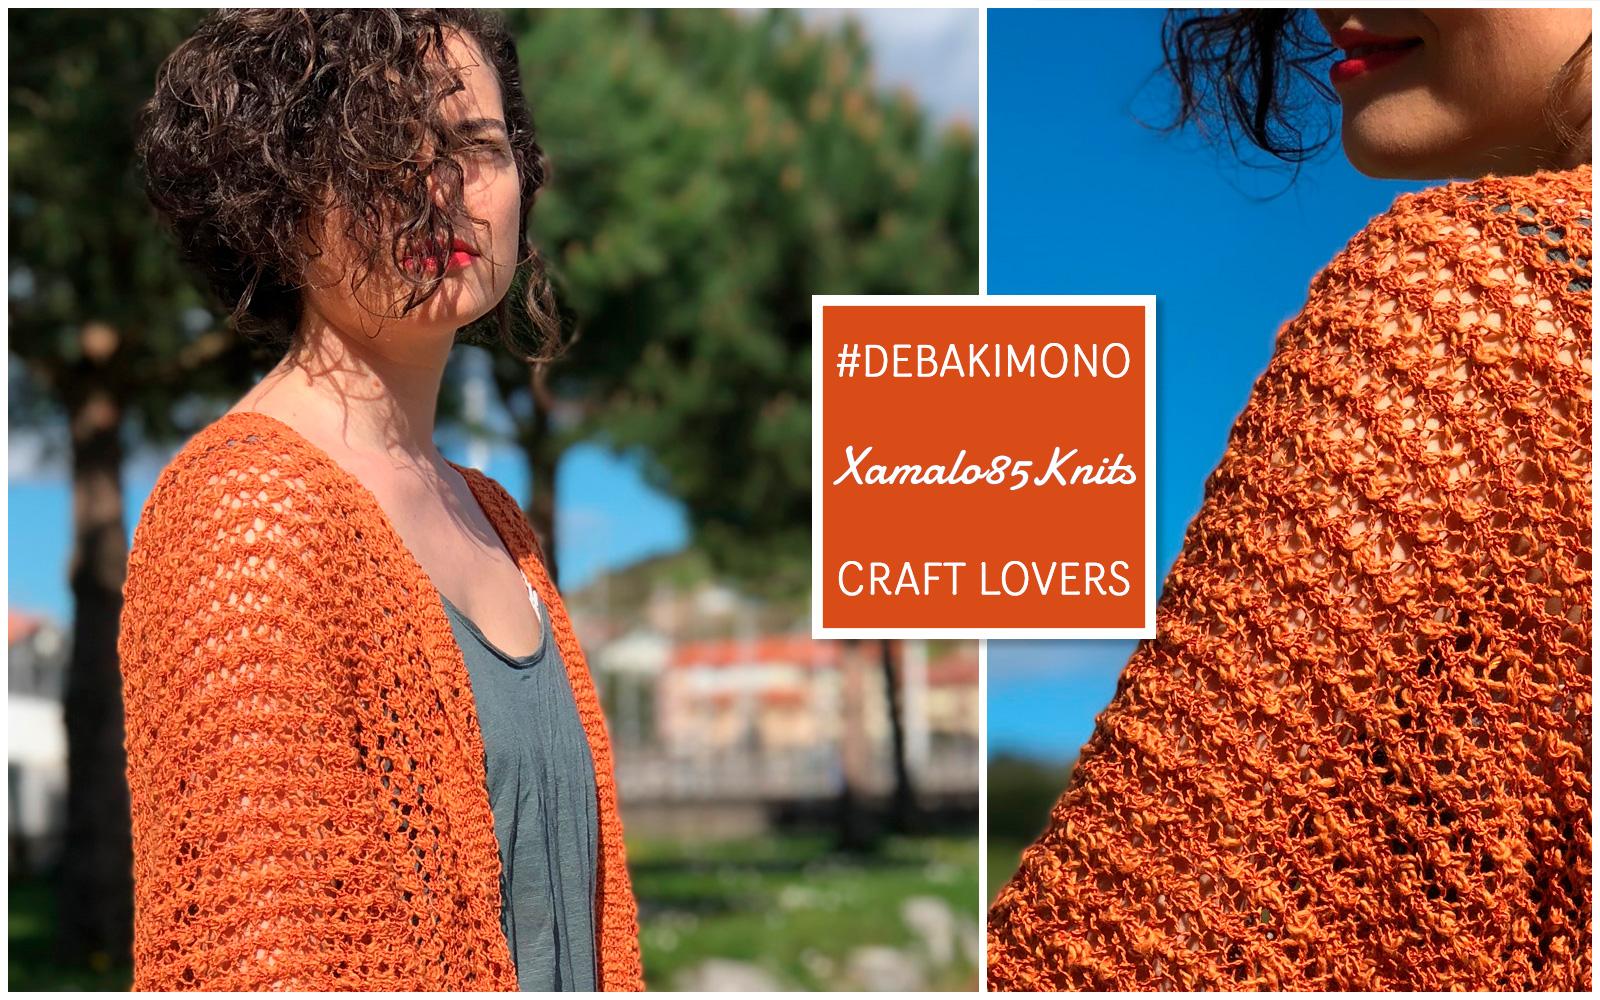 Kimono breien die uit slechts een geheel bestaat - patroon door Katia Garens en ontwerper xamalo85